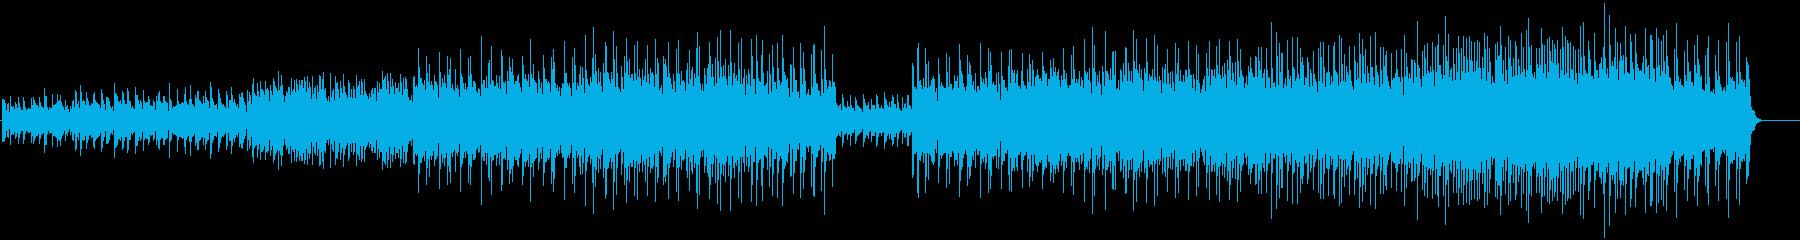 メッセージや、プレゼントの受け渡しBGMの再生済みの波形